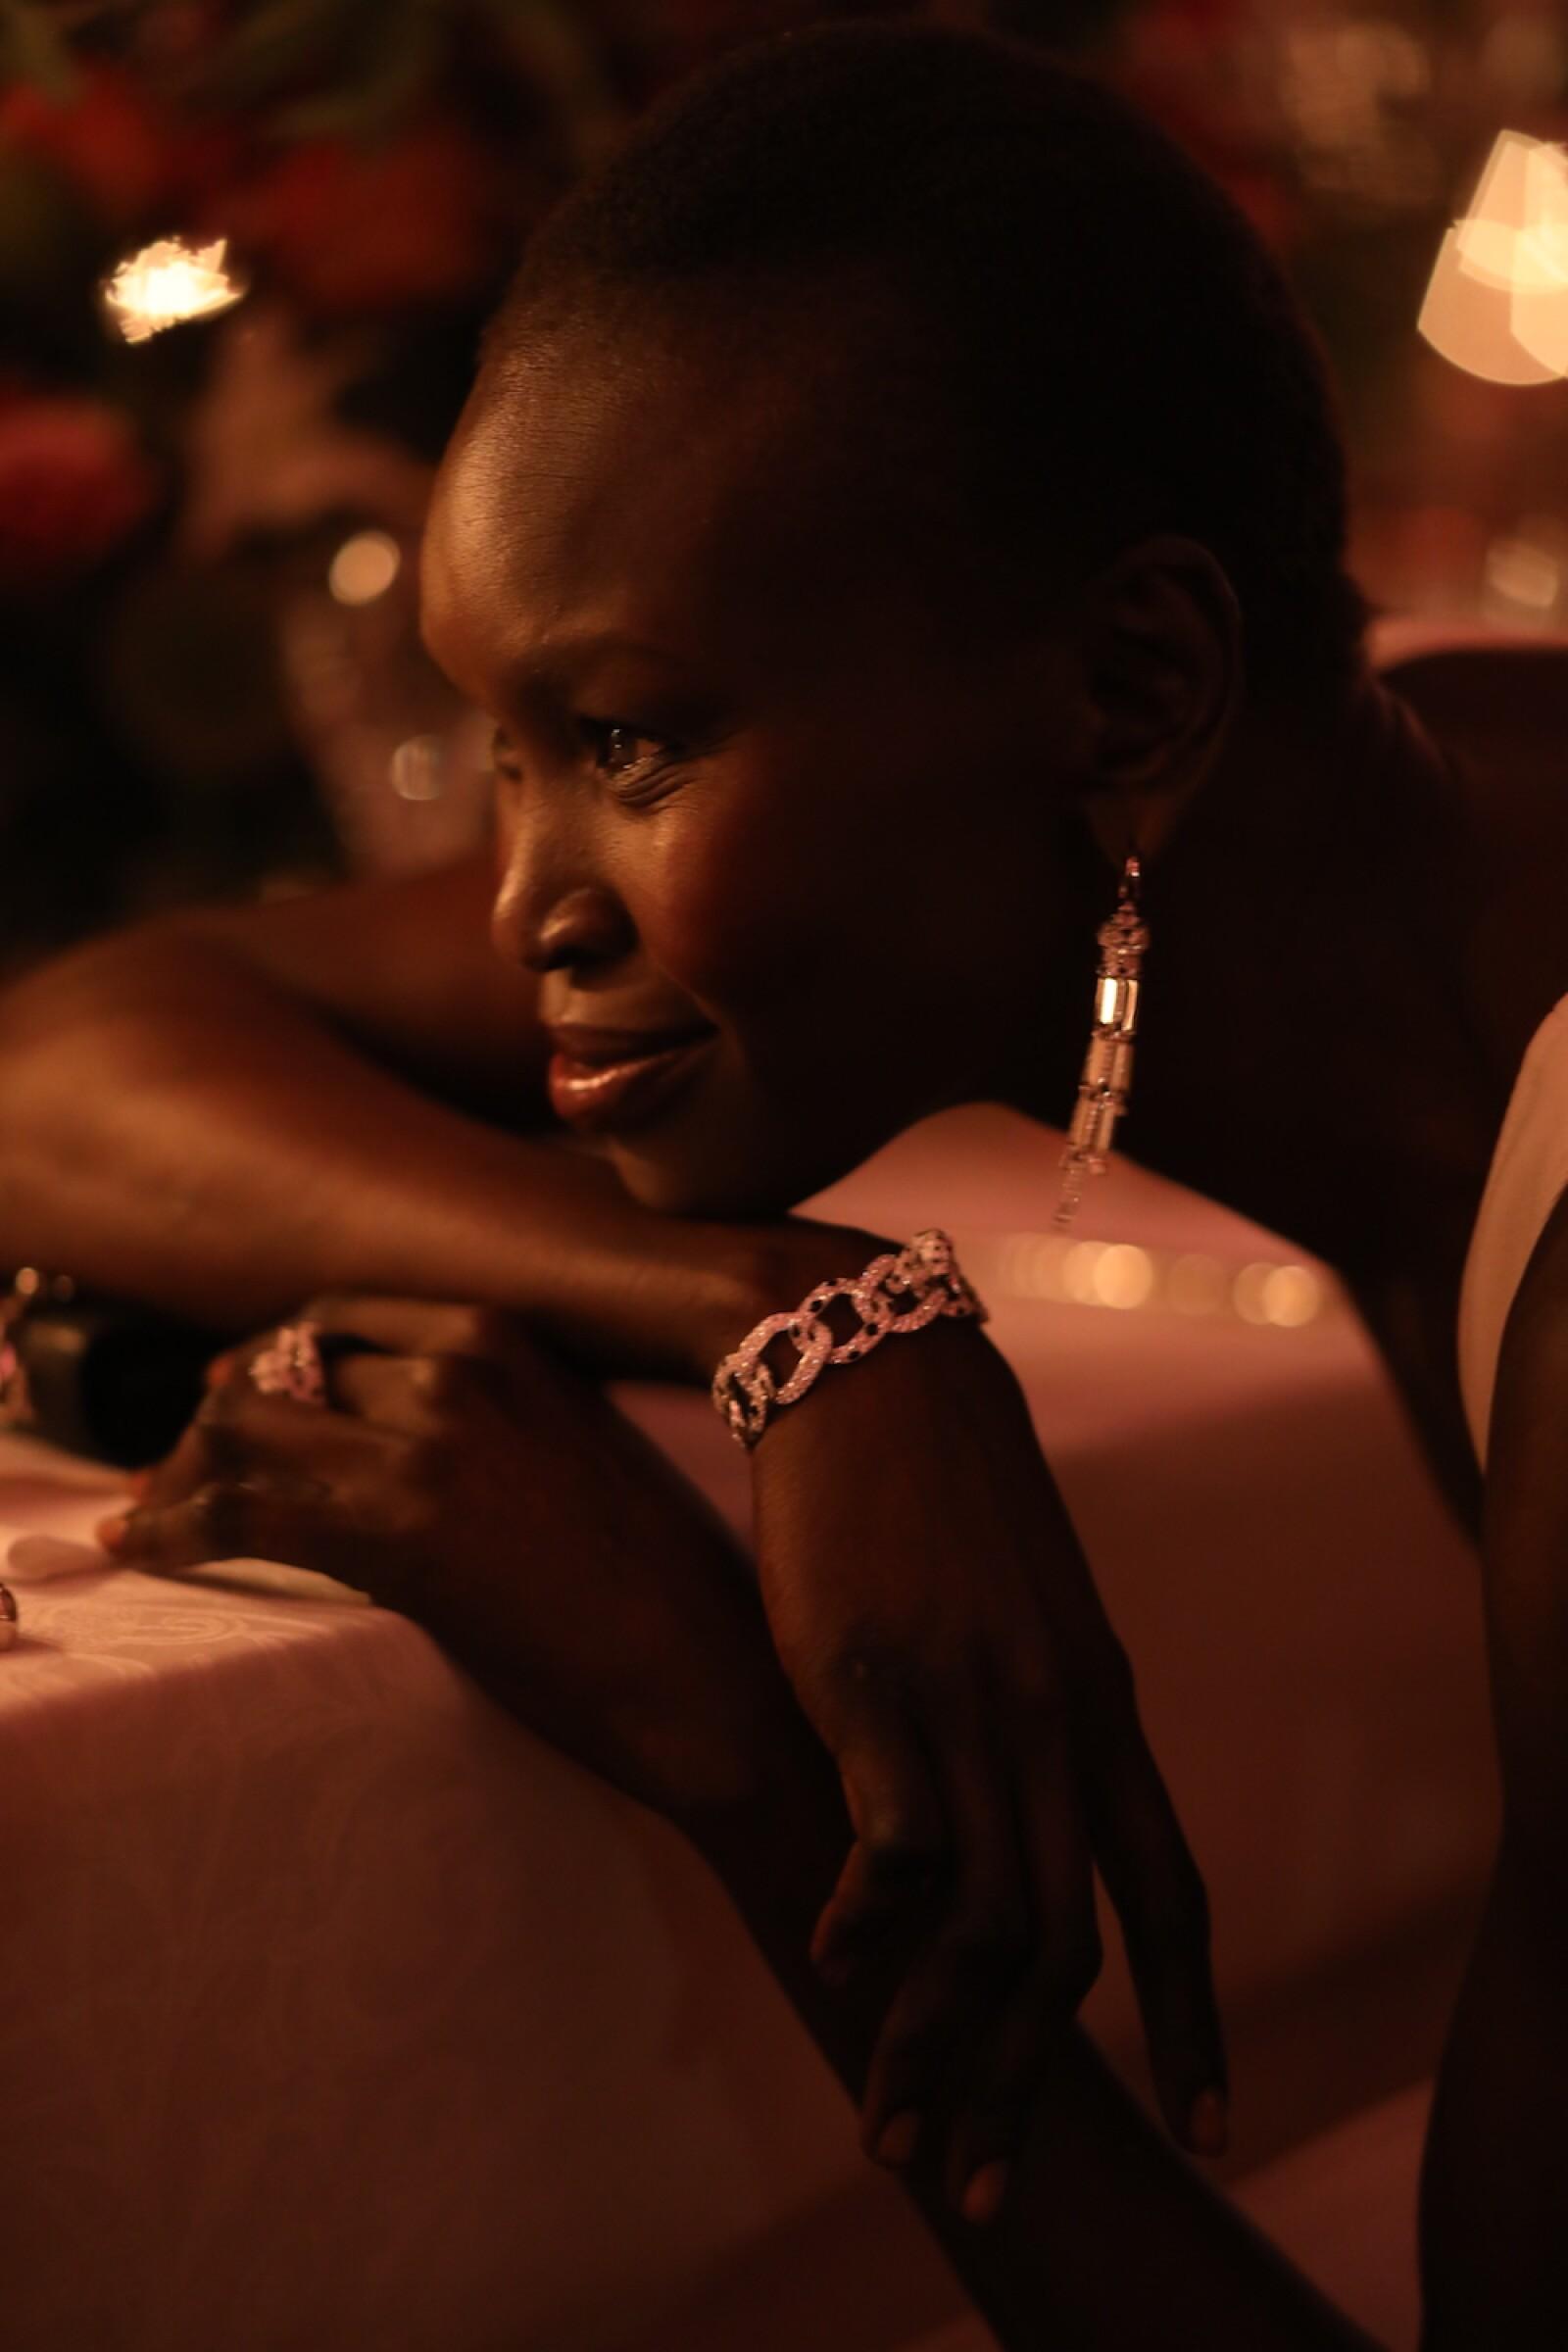 La Super modelo sudanesa Alek Wek